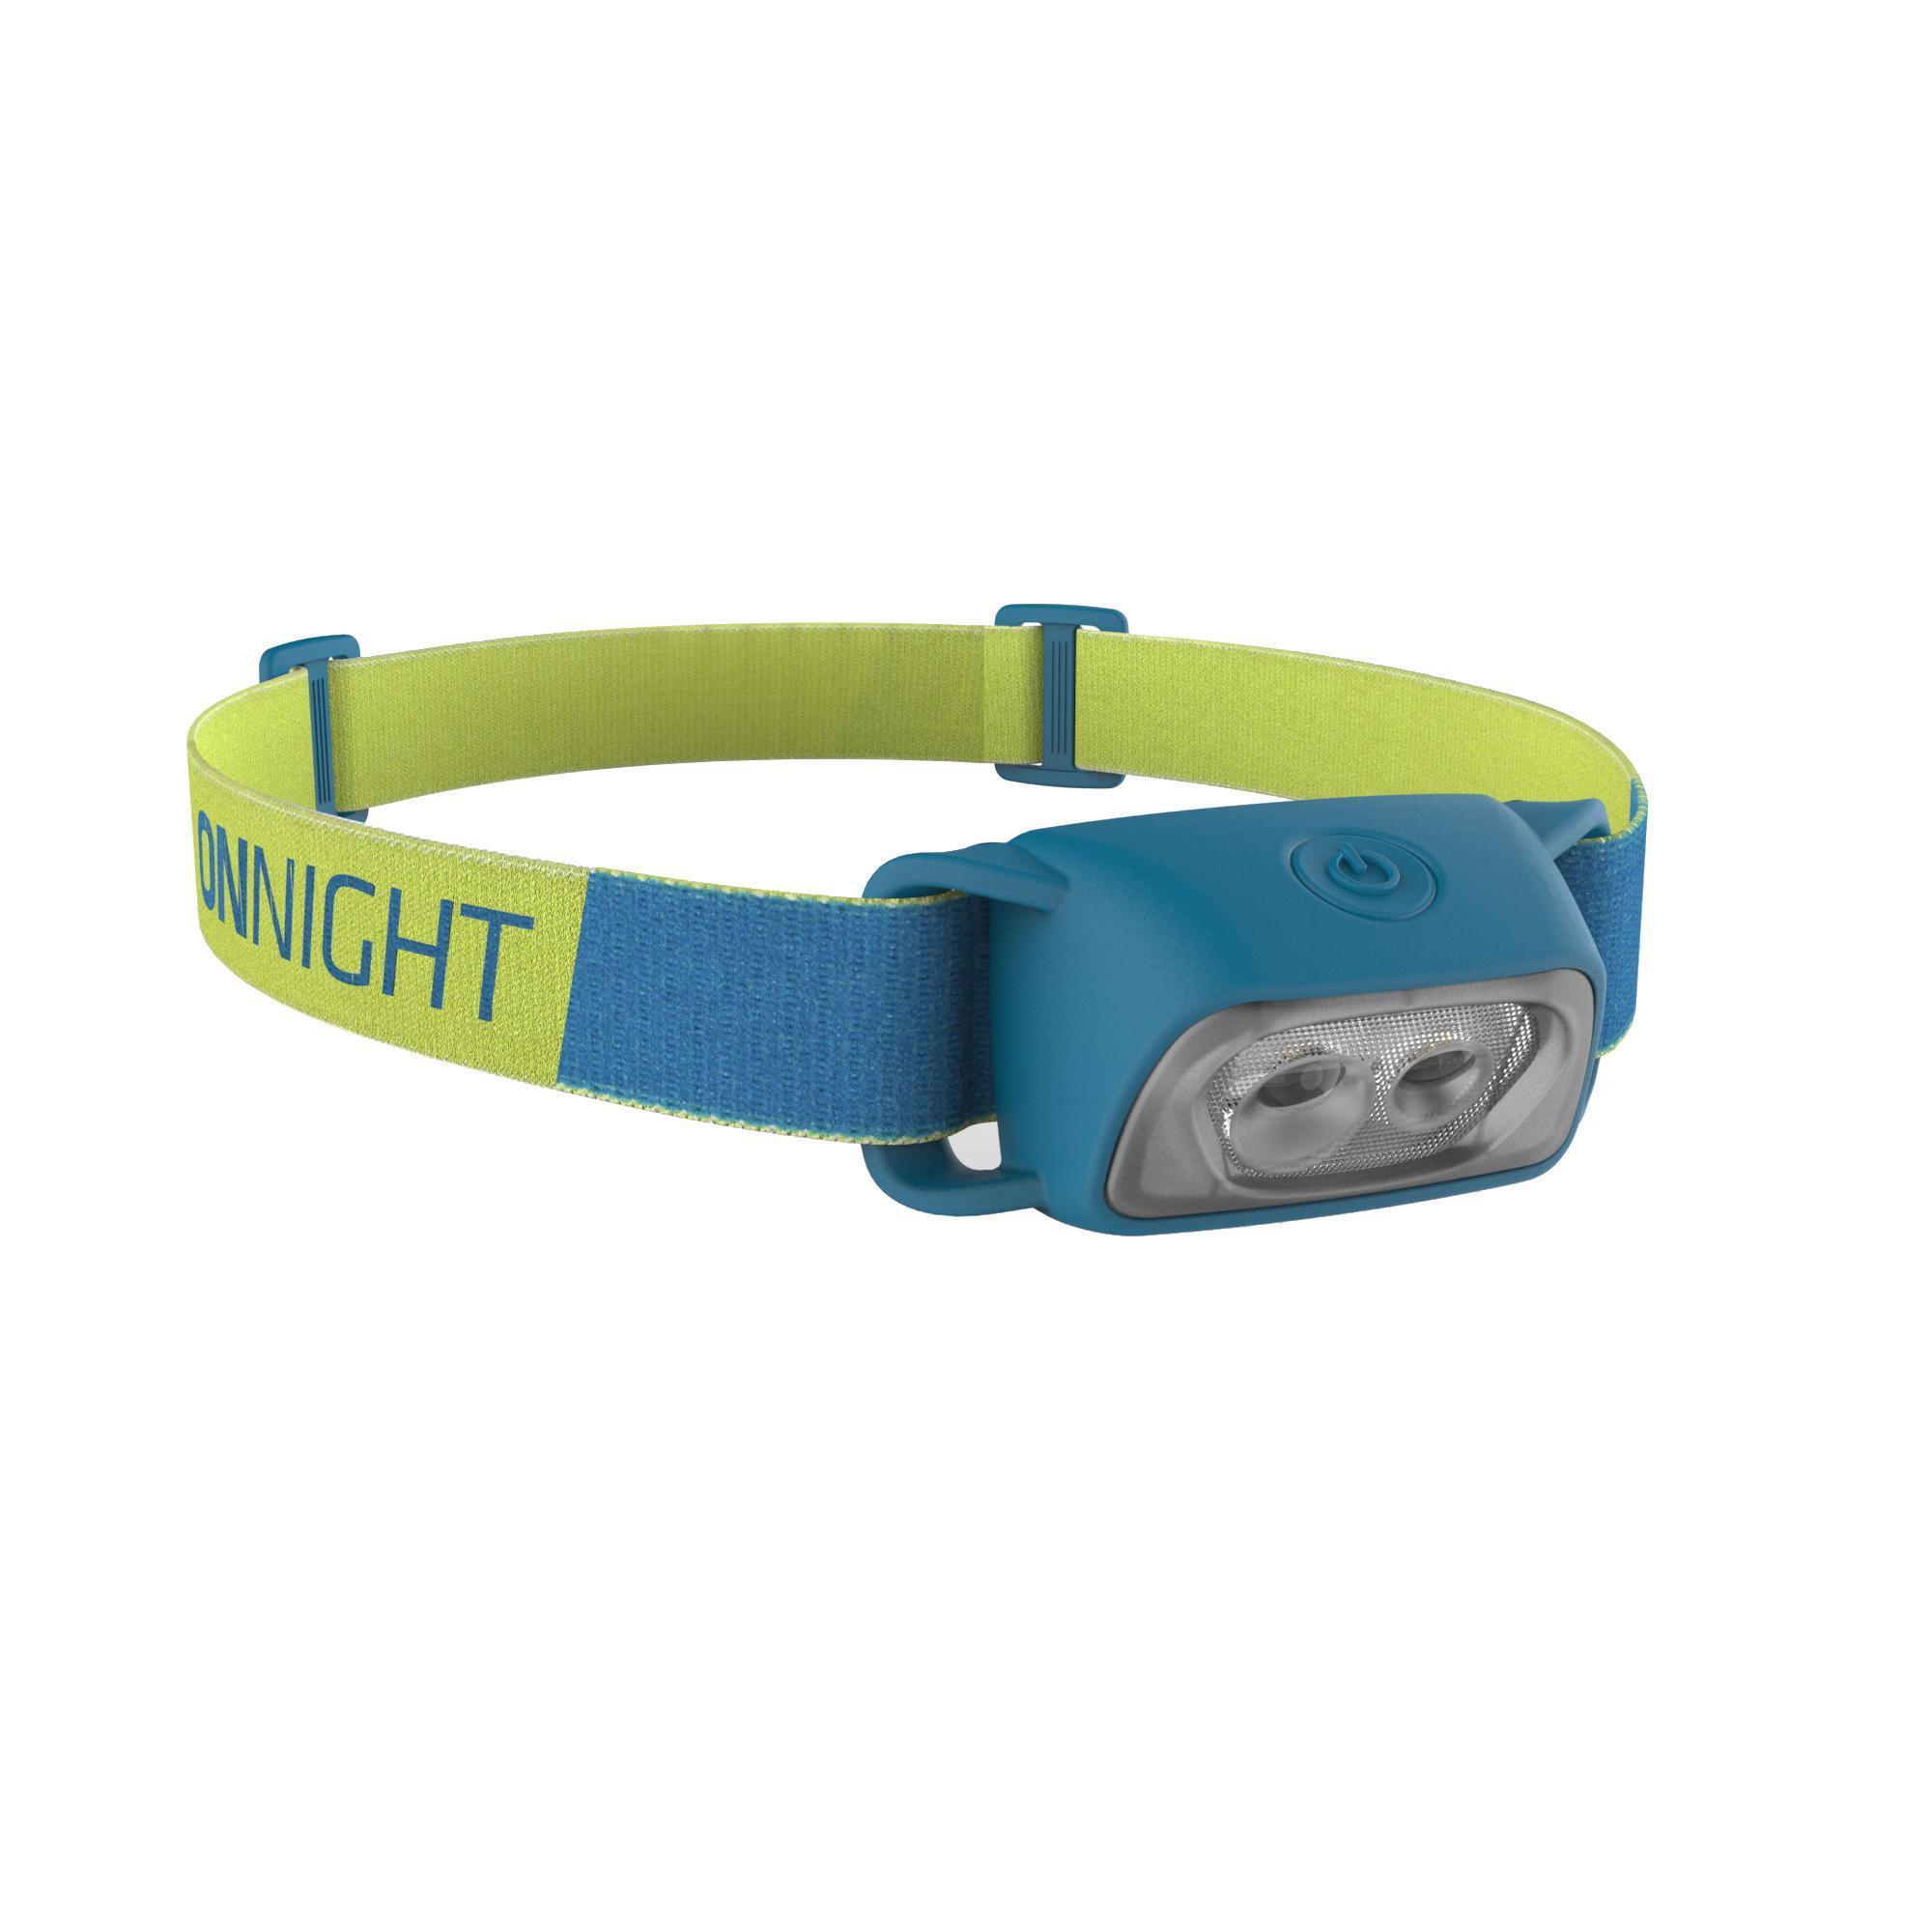 Lampe frontale de trekking à piles - ONNIGHT 100 bleue - 80 lumens - Forclaz